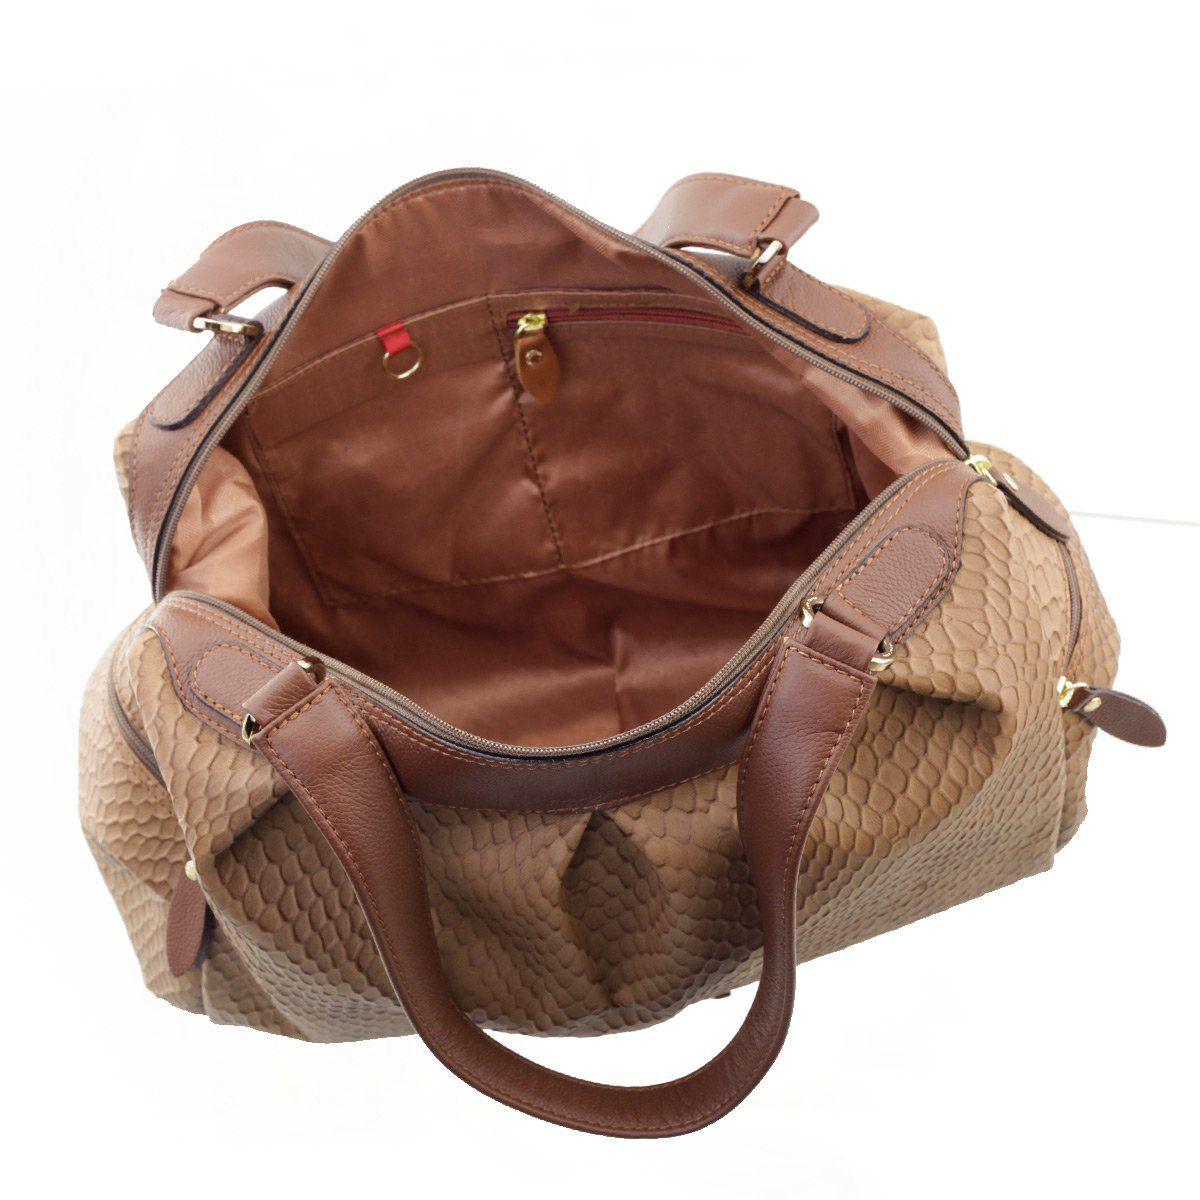 e0f99842a ... Bolsa Grande Couro Camel com Chocolate - ARZON ...